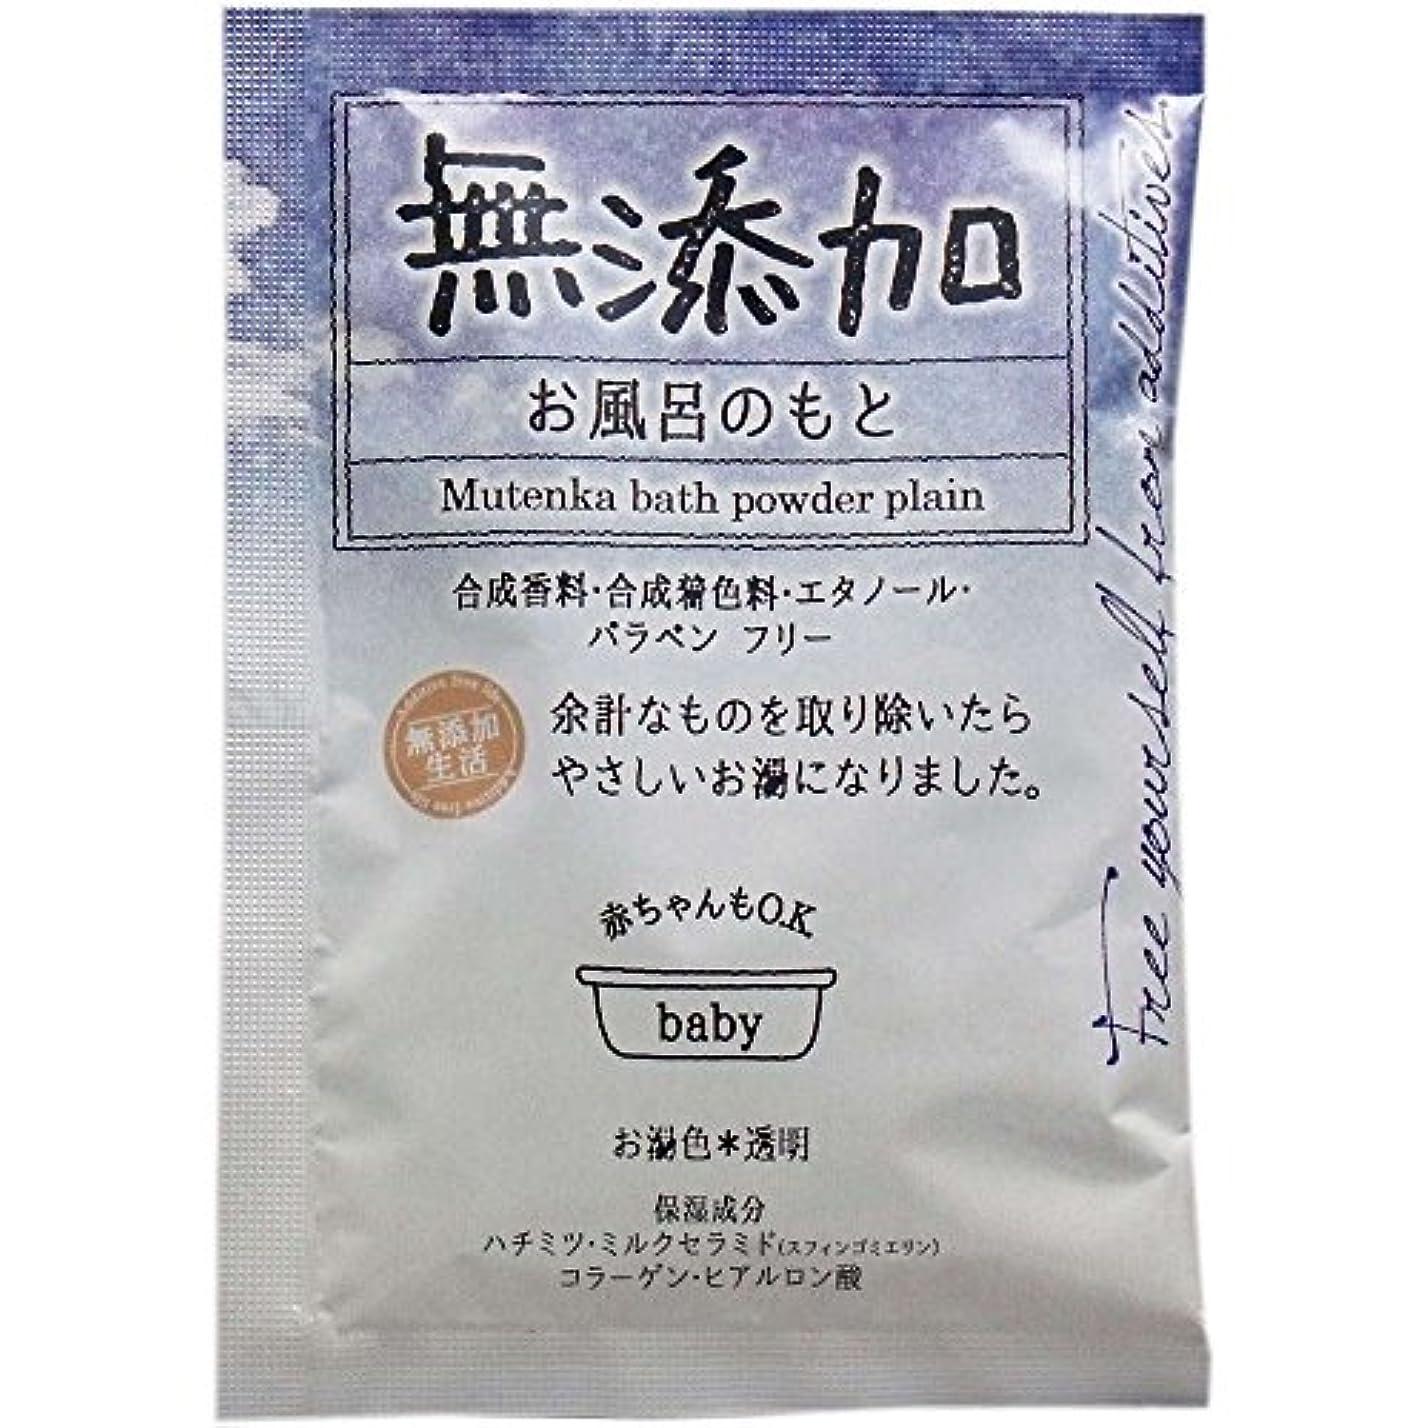 苦情文句カッタービヨン【入浴剤】 無添加 お風呂のもと バスパウダー プレーン 30g